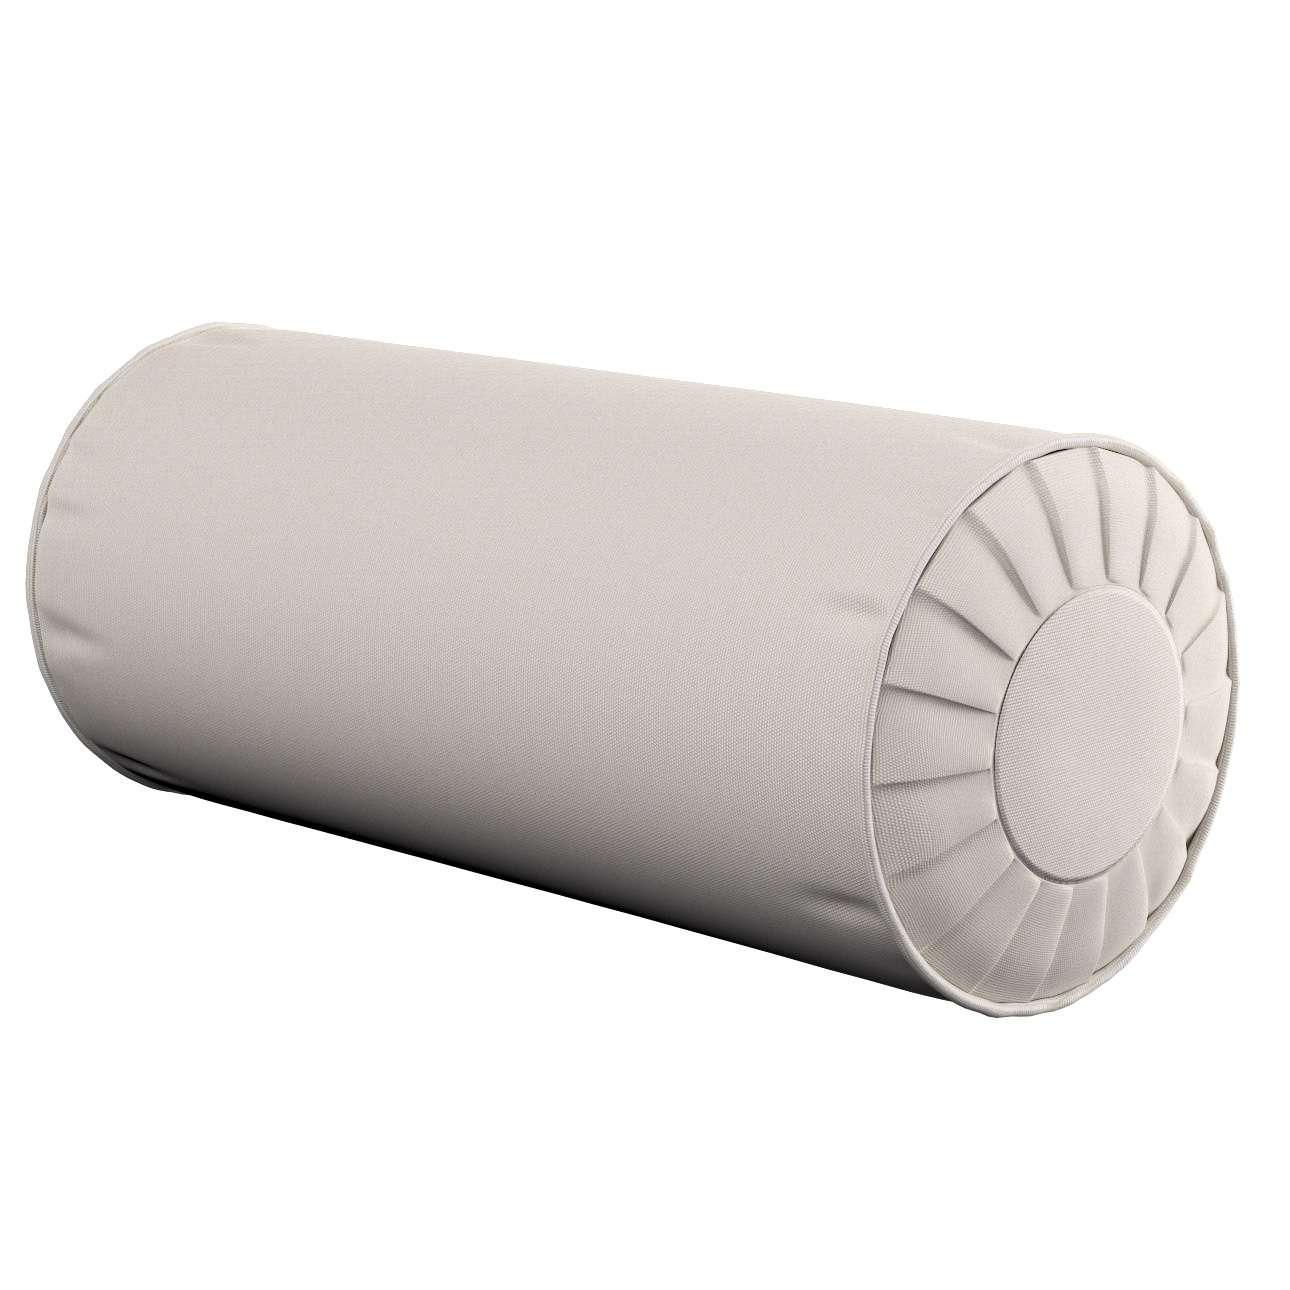 Poduszka wałek z zakładkami Ø 20 x 50 cm w kolekcji Cotton Panama, tkanina: 702-31